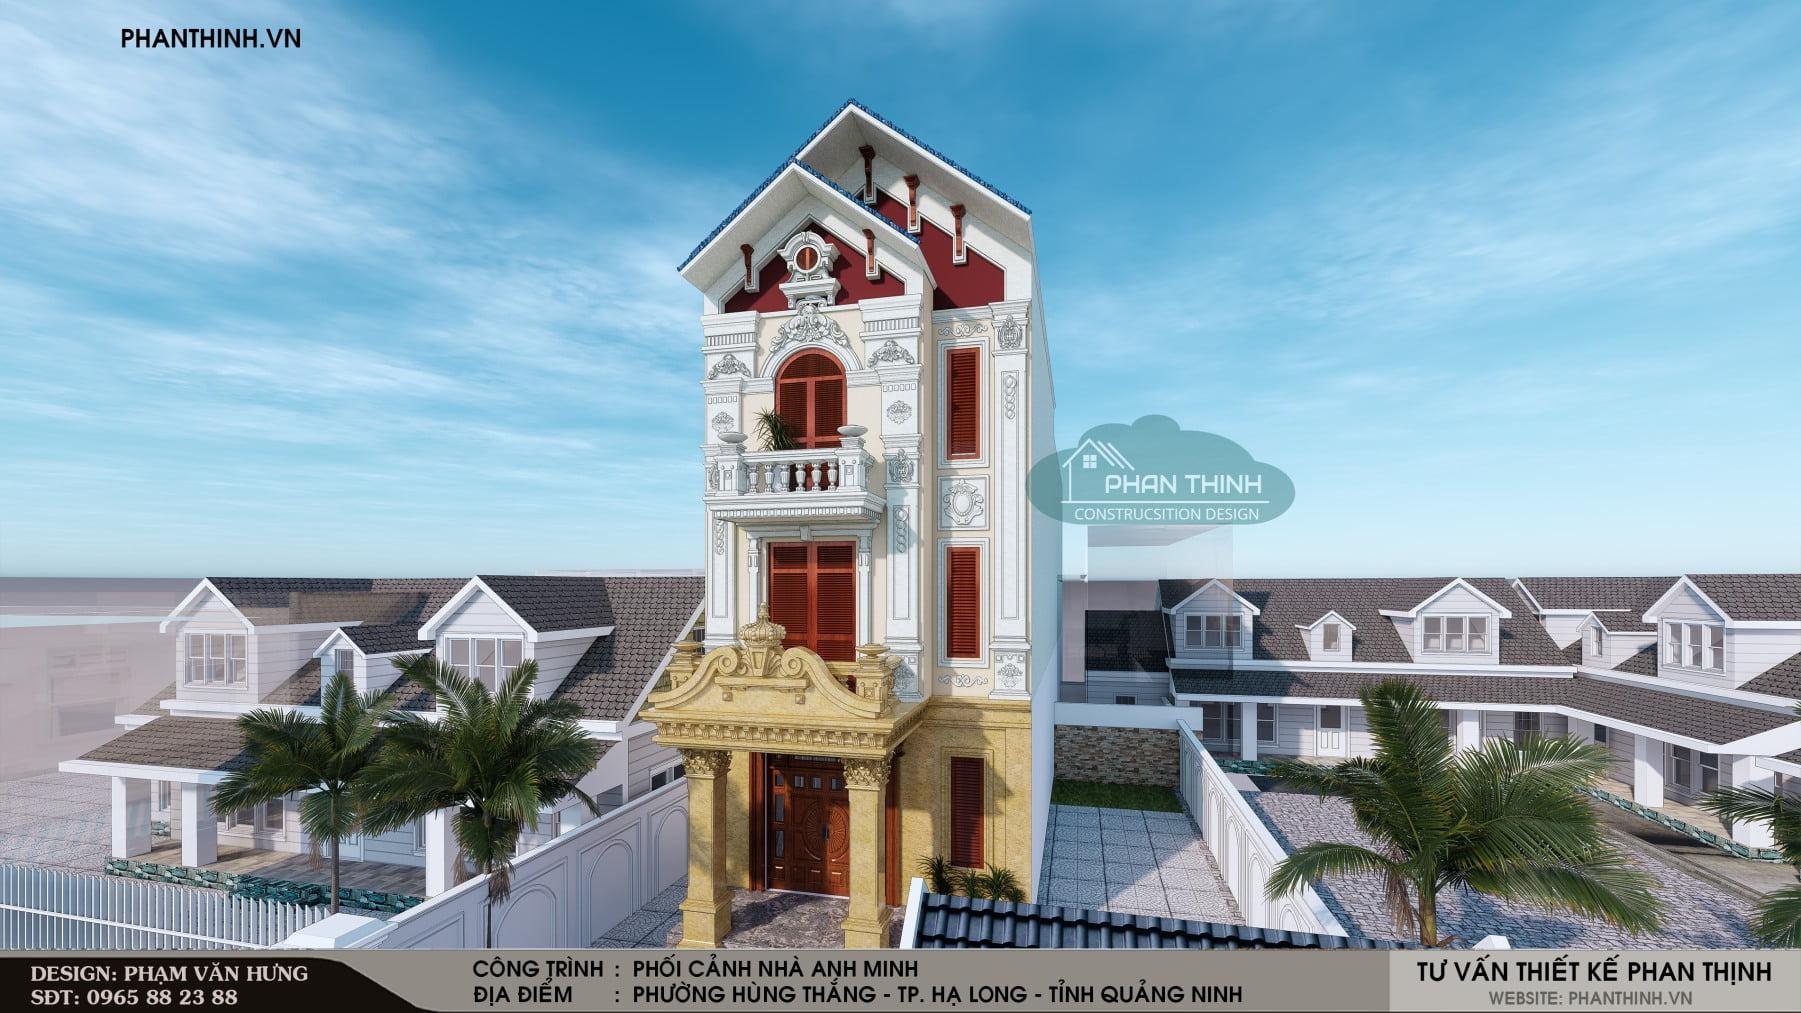 Hình ảnh phối cảnh thiết kế biệt thự cổ điển đẹp mặt tiền 6m tại Quảng Ninh